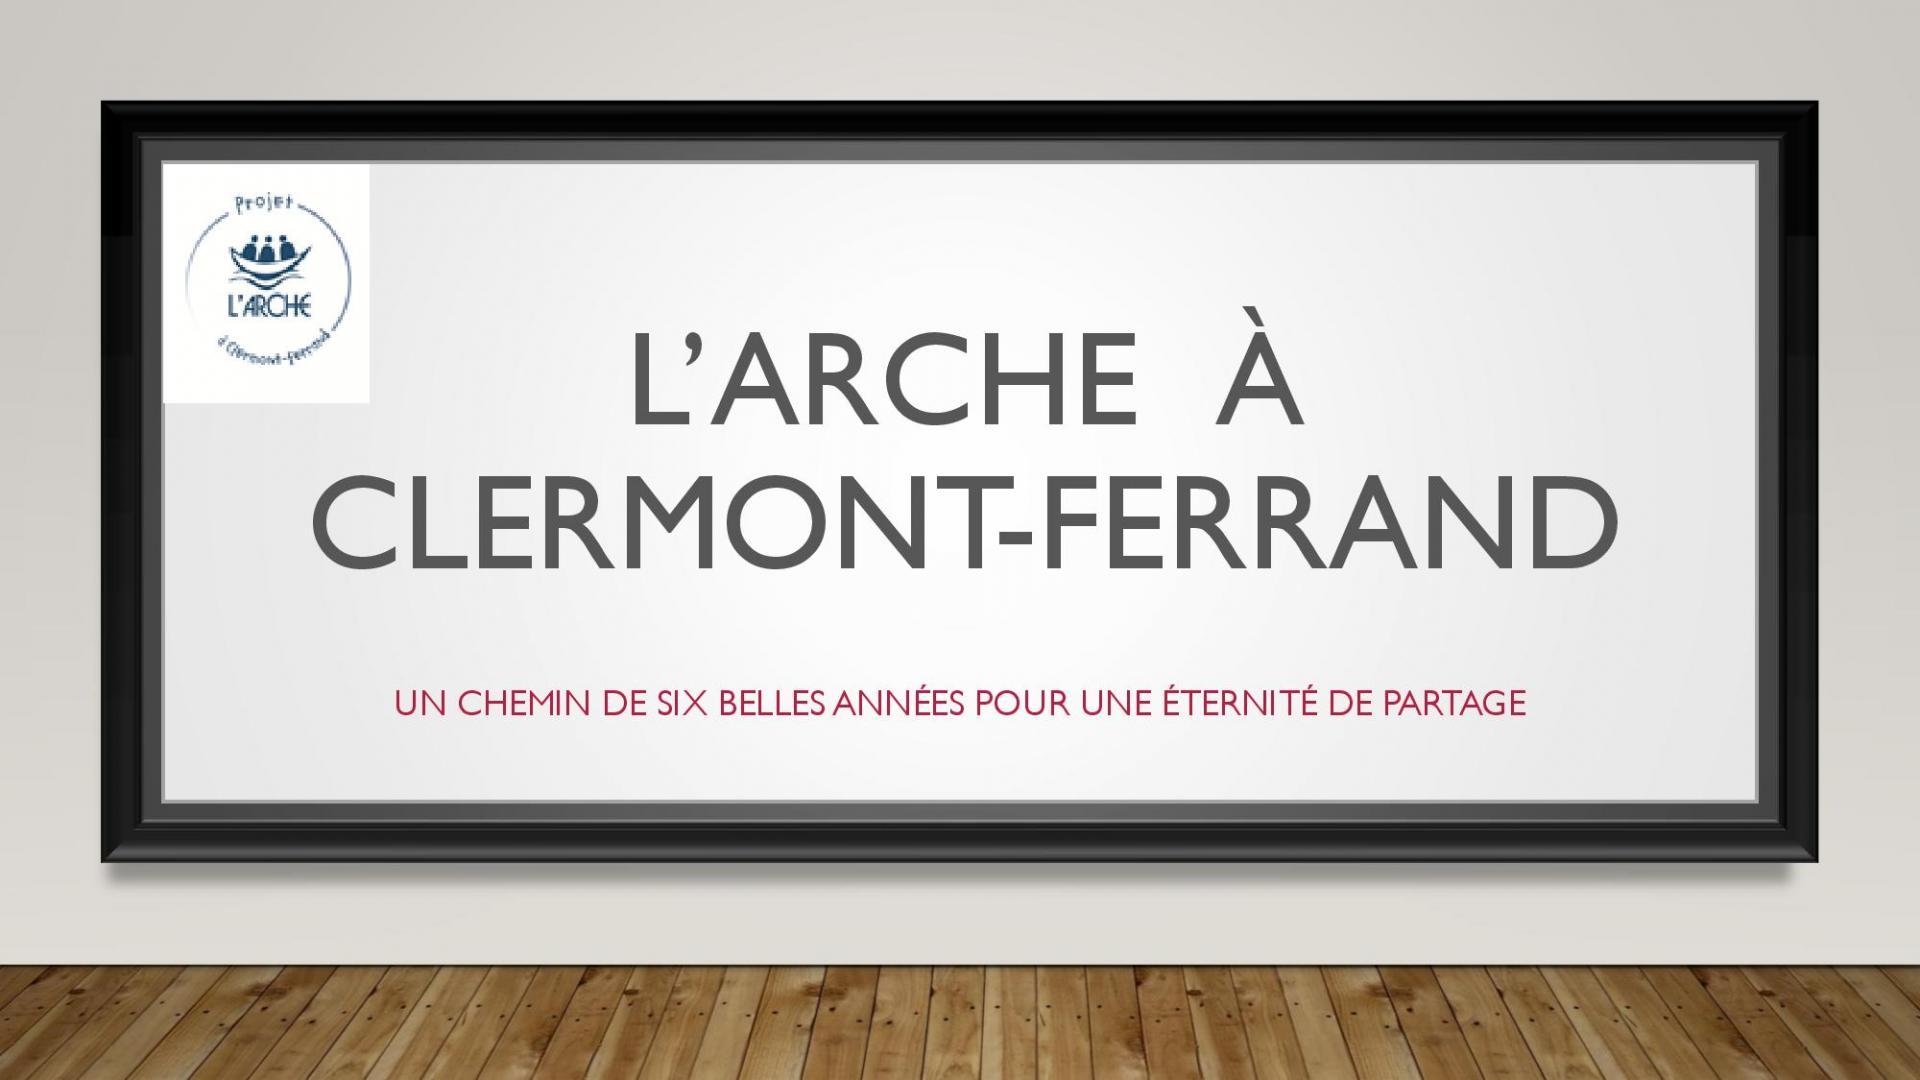 L arche a clermont ferrand page 001